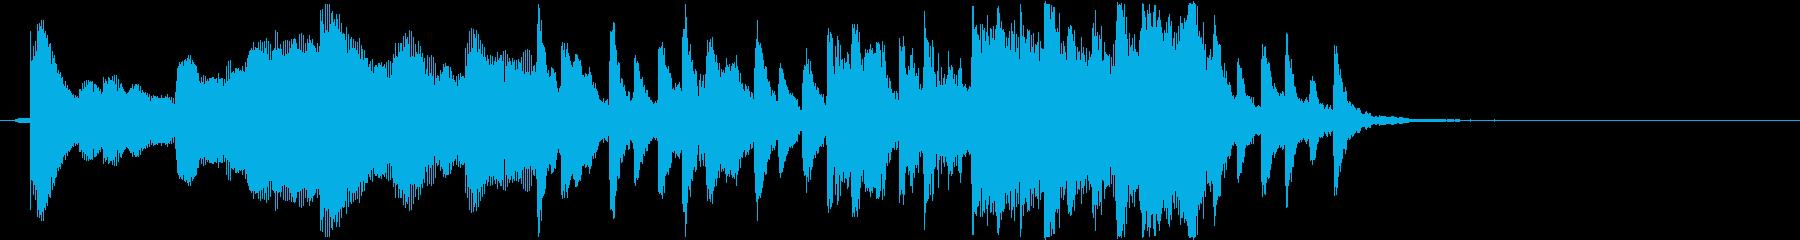 マリンバとストリングスの優しいジングルの再生済みの波形